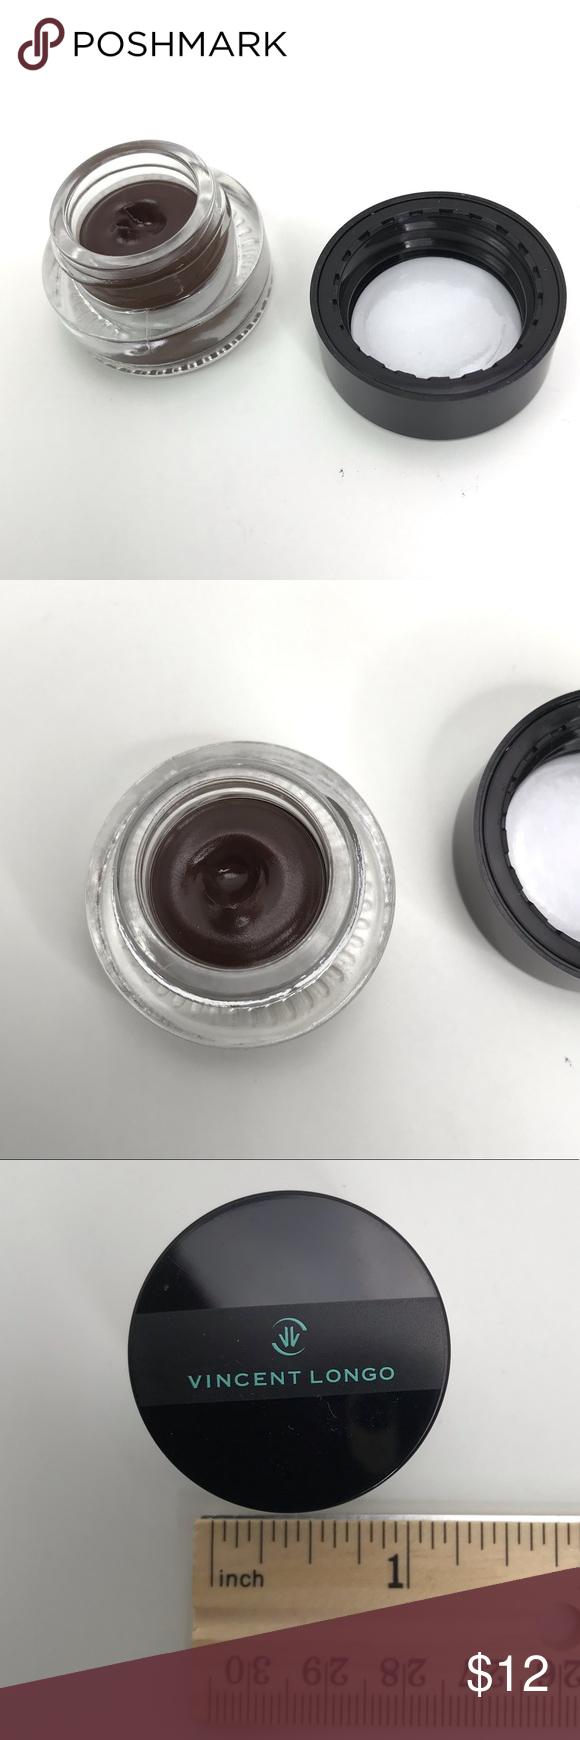 Longo Creme Gel Liner Jar in Felis Brown Vincent Longo Creme Gel Liner Jar in Felis Brown. Unboxed,